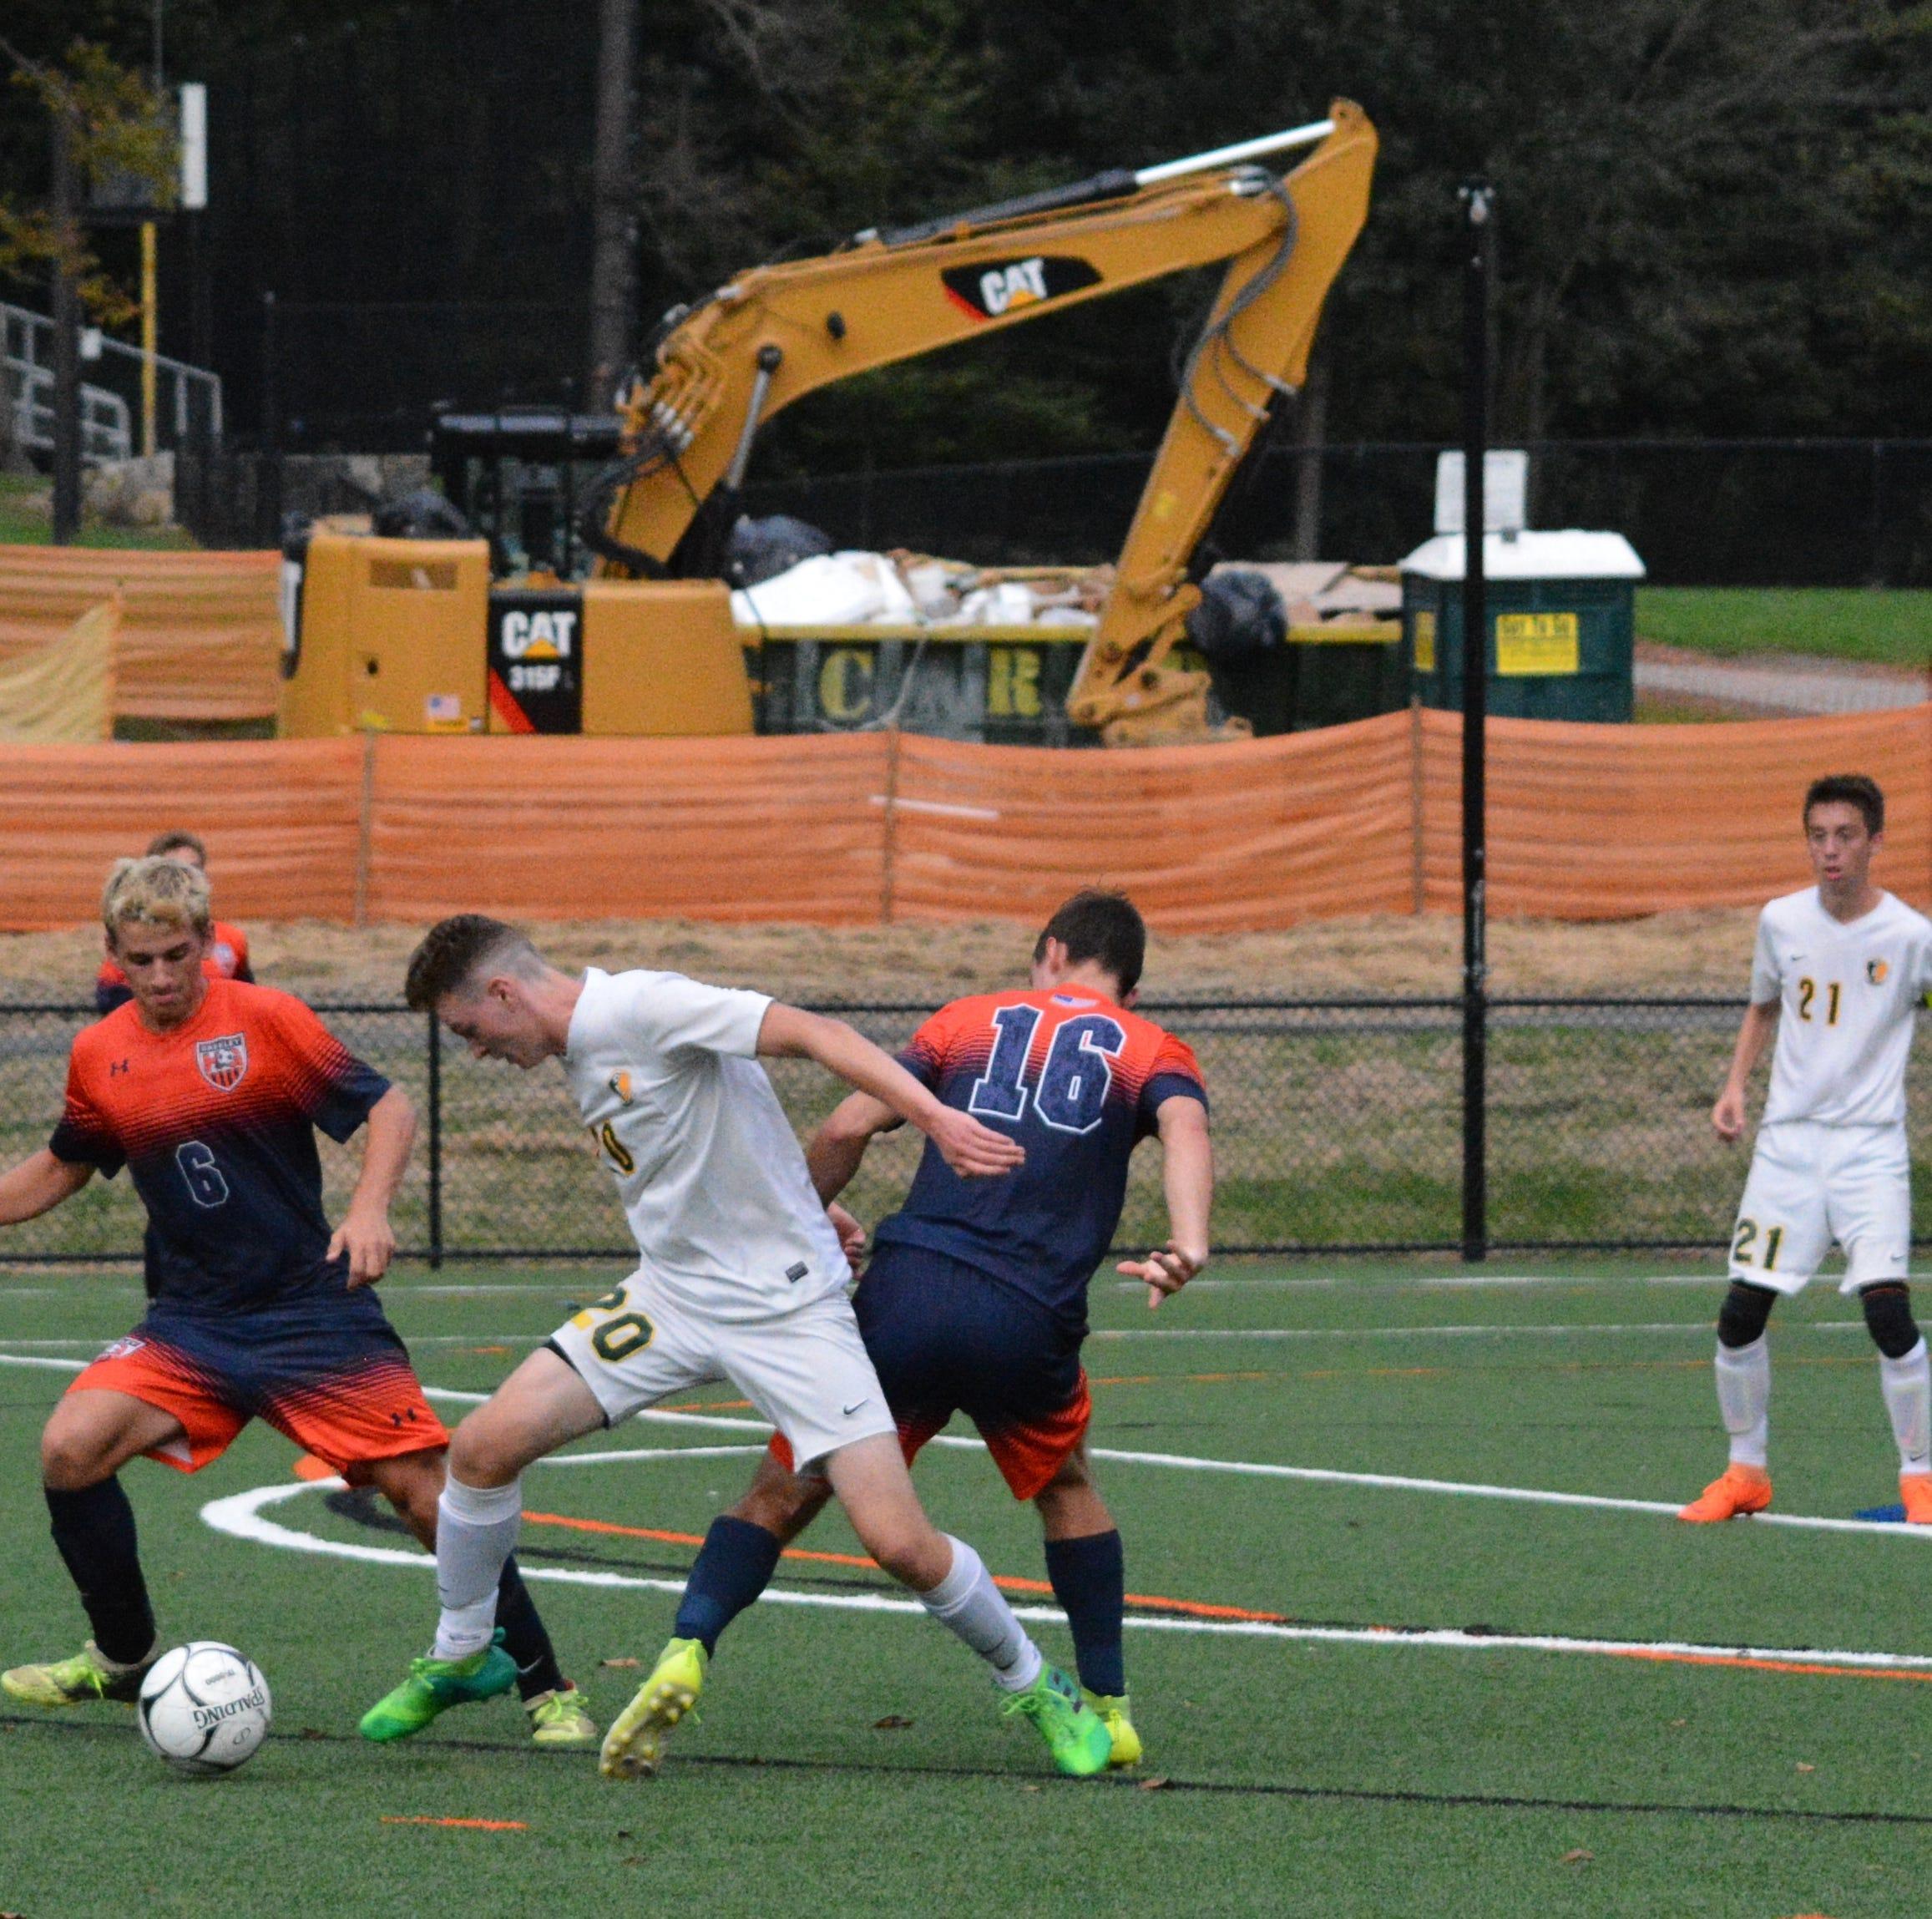 Boys soccer: Class A tournament primer; Greeley, TZ, Yorktown, Somers headline deep field